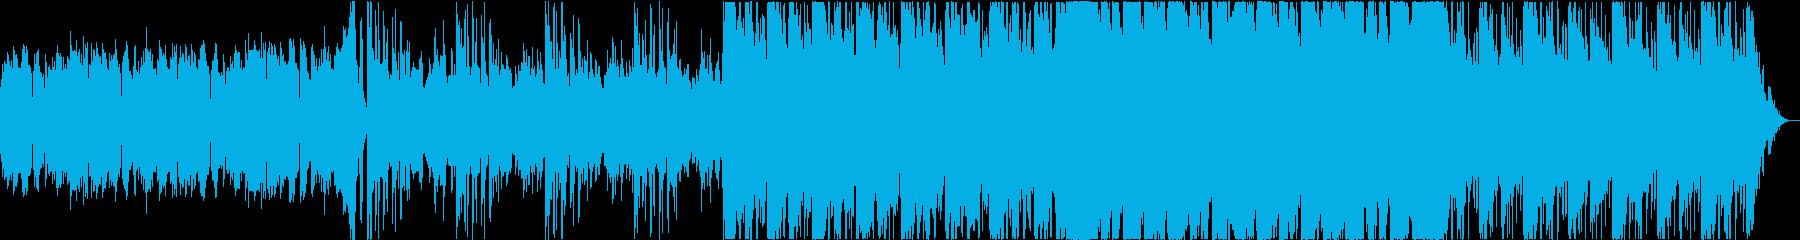 ラスボスとの戦闘用BGMの再生済みの波形